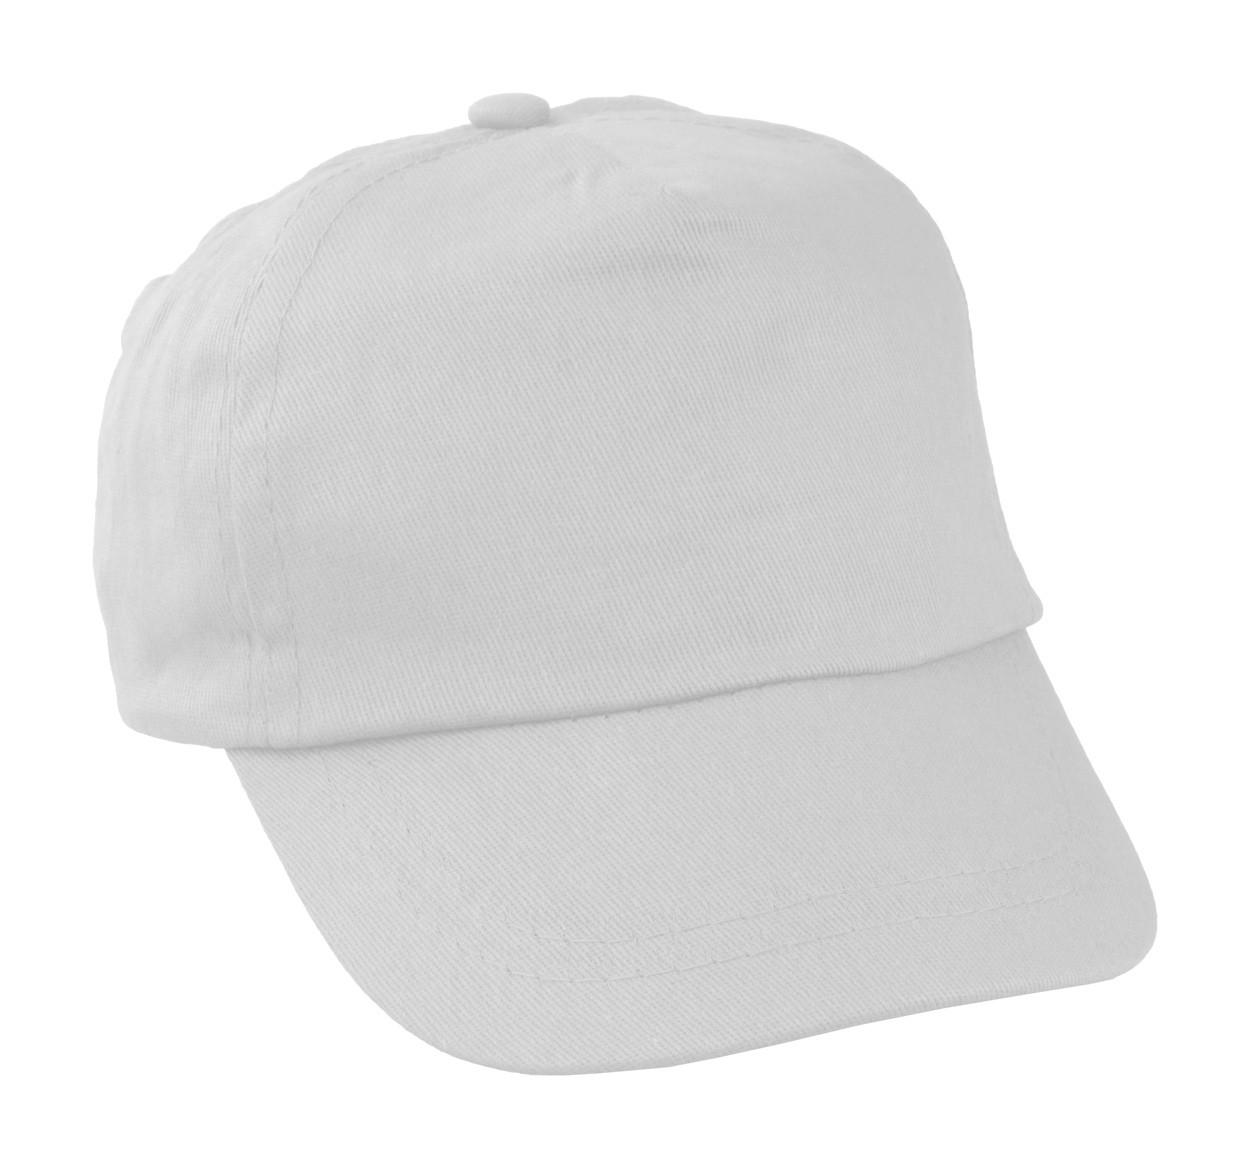 Şapcă Baseball Pentru Copii Sportkid - Alb